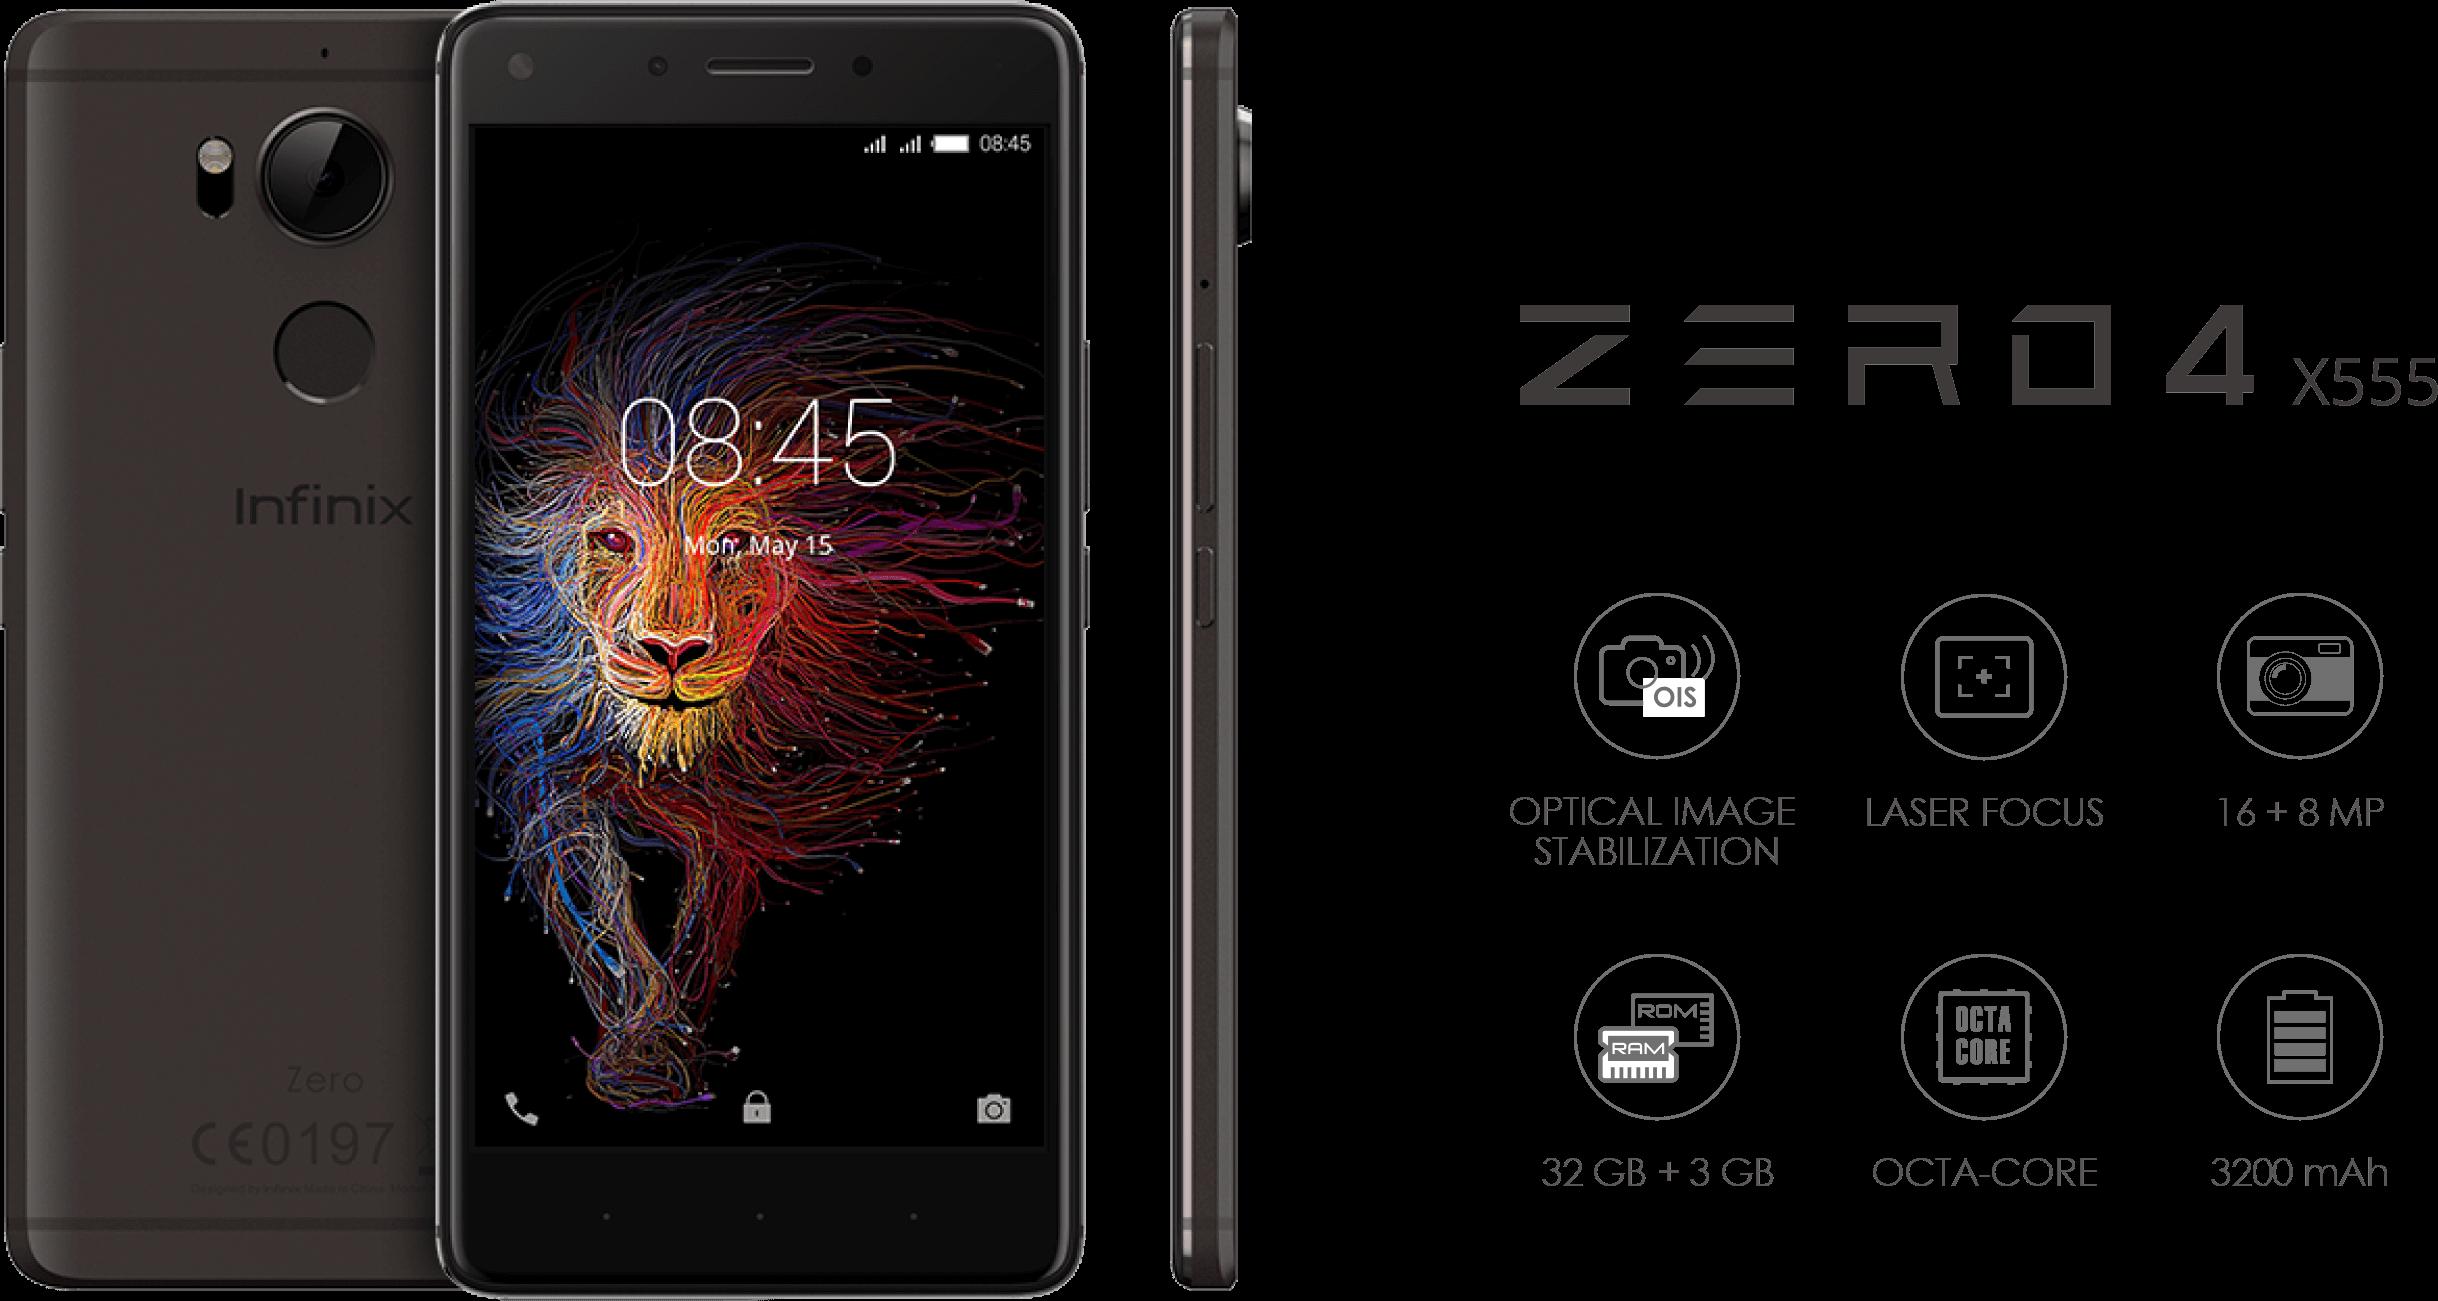 infinix zero 4 price